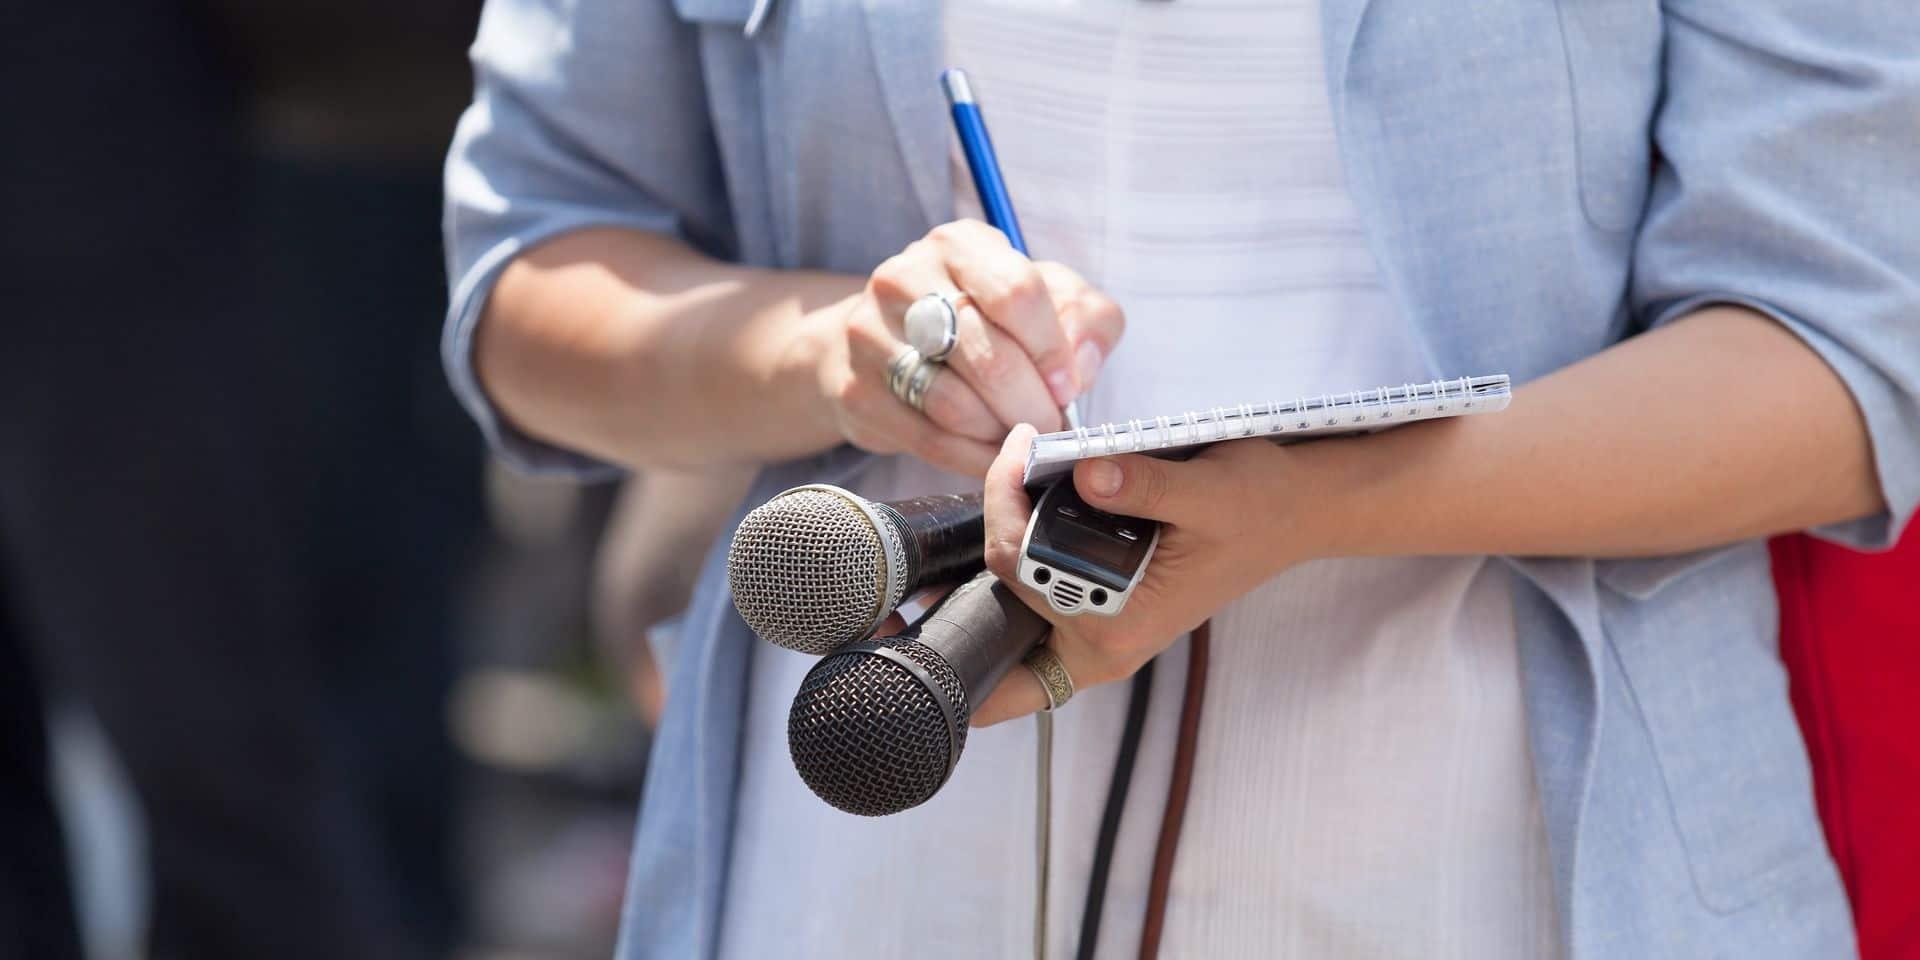 La moitié des journalistes flamands a déjà été victime d'agression